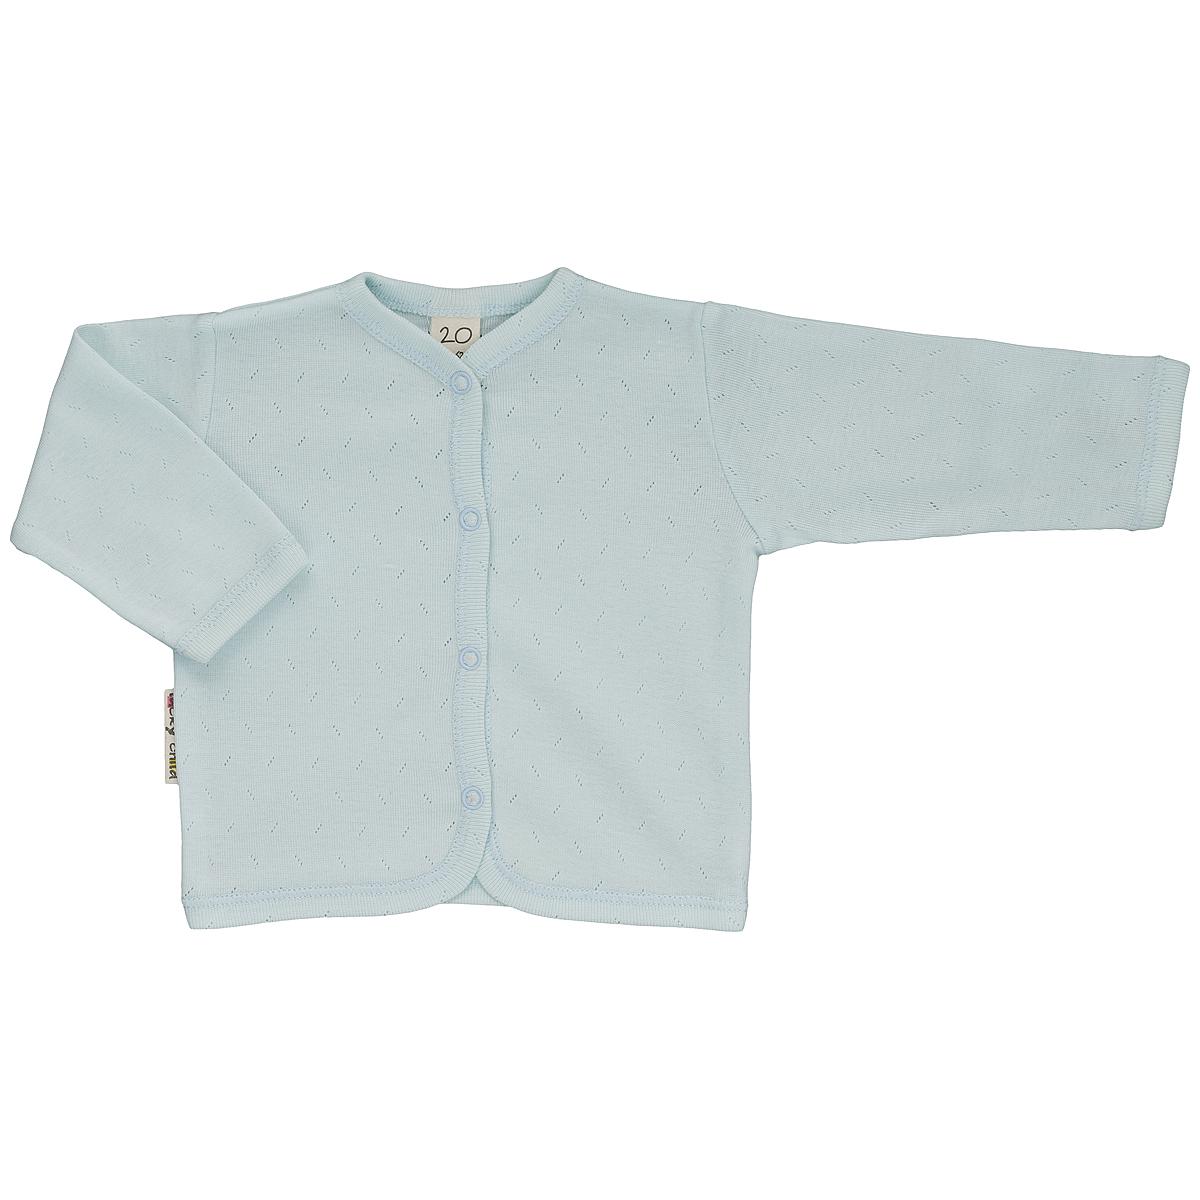 Кофточка детская Lucky Child Ажур, цвет: голубой. 0-7. Размер 62/680-7Кофточка для новорожденного Lucky Child Ажур с длинными рукавами послужит идеальным дополнением к гардеробу вашего малыша, обеспечивая ему наибольший комфорт. Изготовленная из натурального хлопка, она необычайно мягкая и легкая, не раздражает нежную кожу ребенка и хорошо вентилируется, а эластичные швы приятны телу малыша и не препятствуют его движениям. Удобные застежки-кнопки по всей длине помогают легко переодеть младенца.Модель выполнена из ткани с ажурным узором. Кофточка полностью соответствует особенностям жизни ребенка в ранний период, не стесняя и не ограничивая его в движениях. В ней ваш малыш всегда будет в центре внимания.